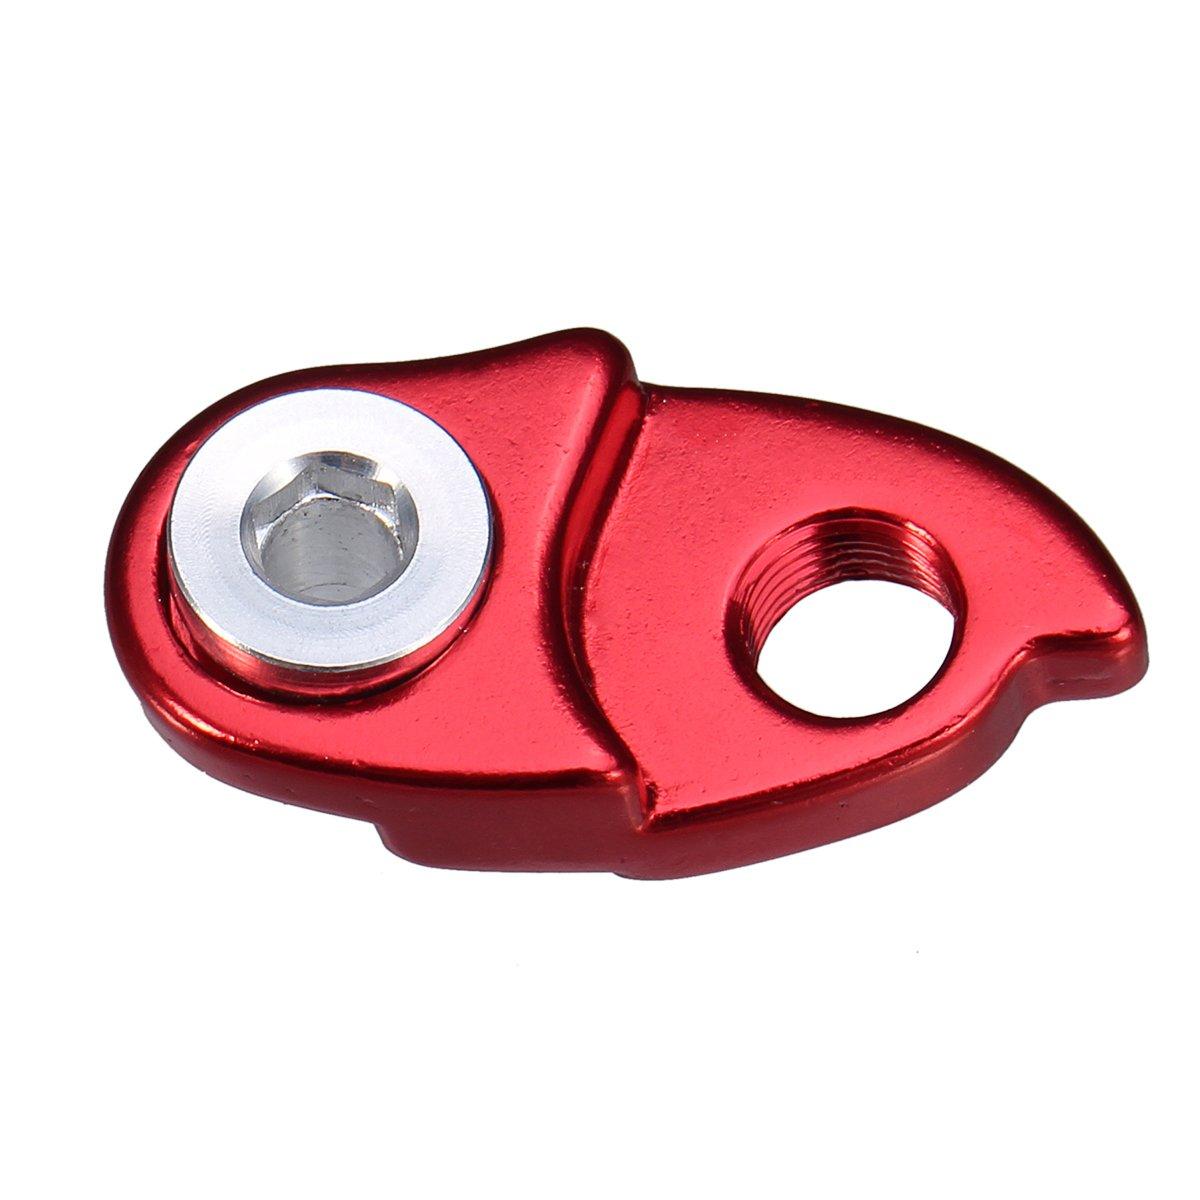 con adaptador de extensi/ón para cassette de bicicleta Shimano 40 T 46 T 42 T rojo Gancho trasero para cambio de marchas de bicicleta de monta/ña o carretera 50 T; de la marca VORCOOL